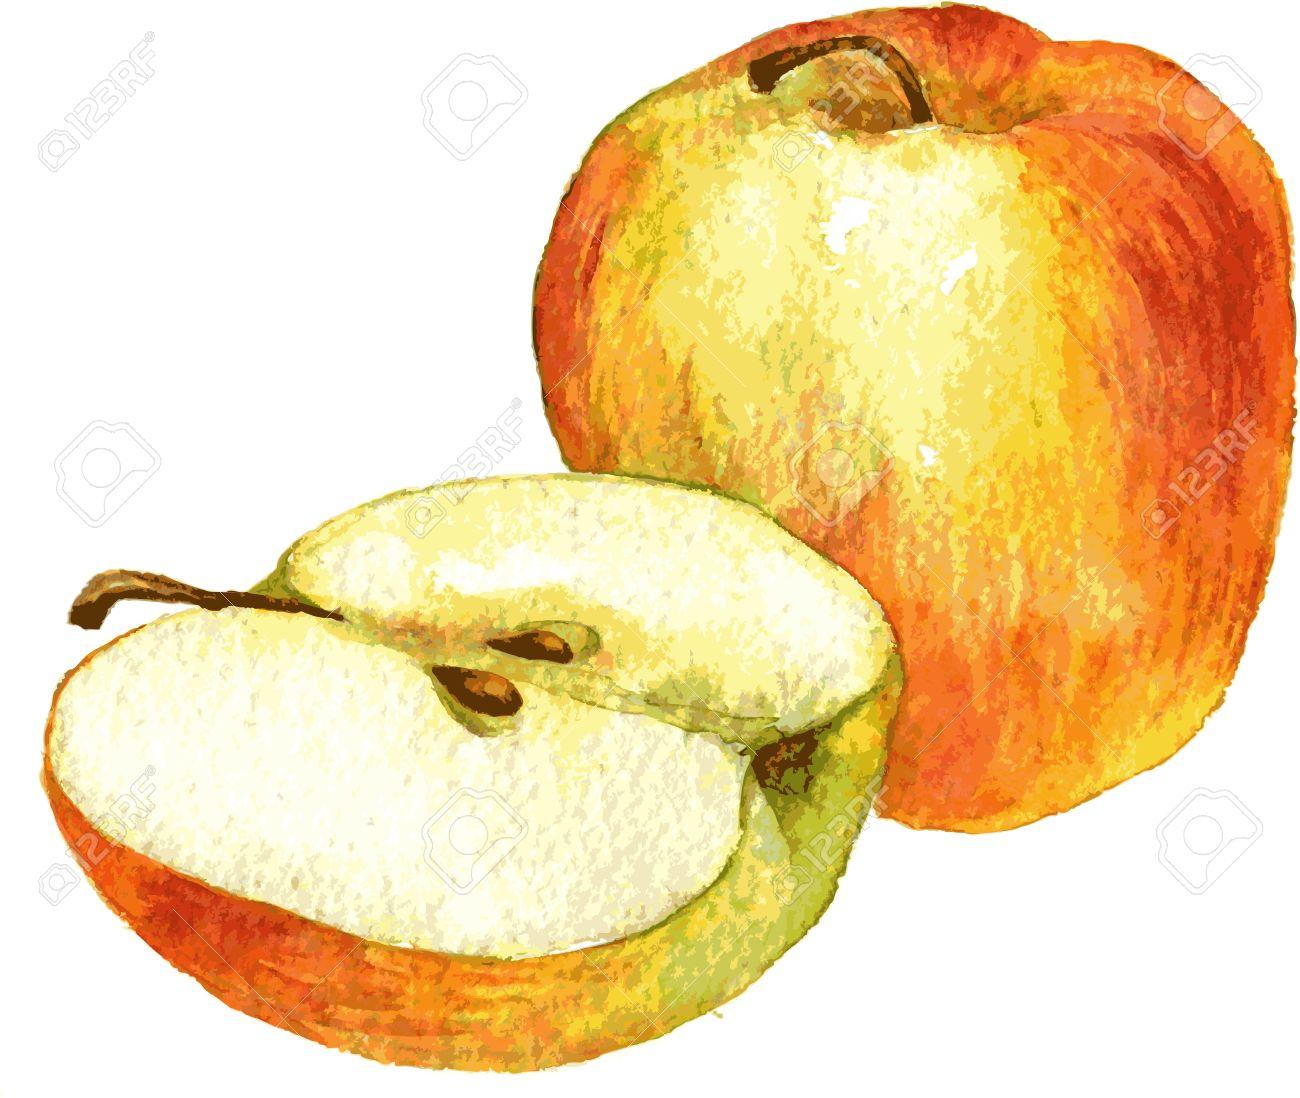 Dessin Pomme pomme entière et la moitié dessin de pomme par aquarelle, tiré par